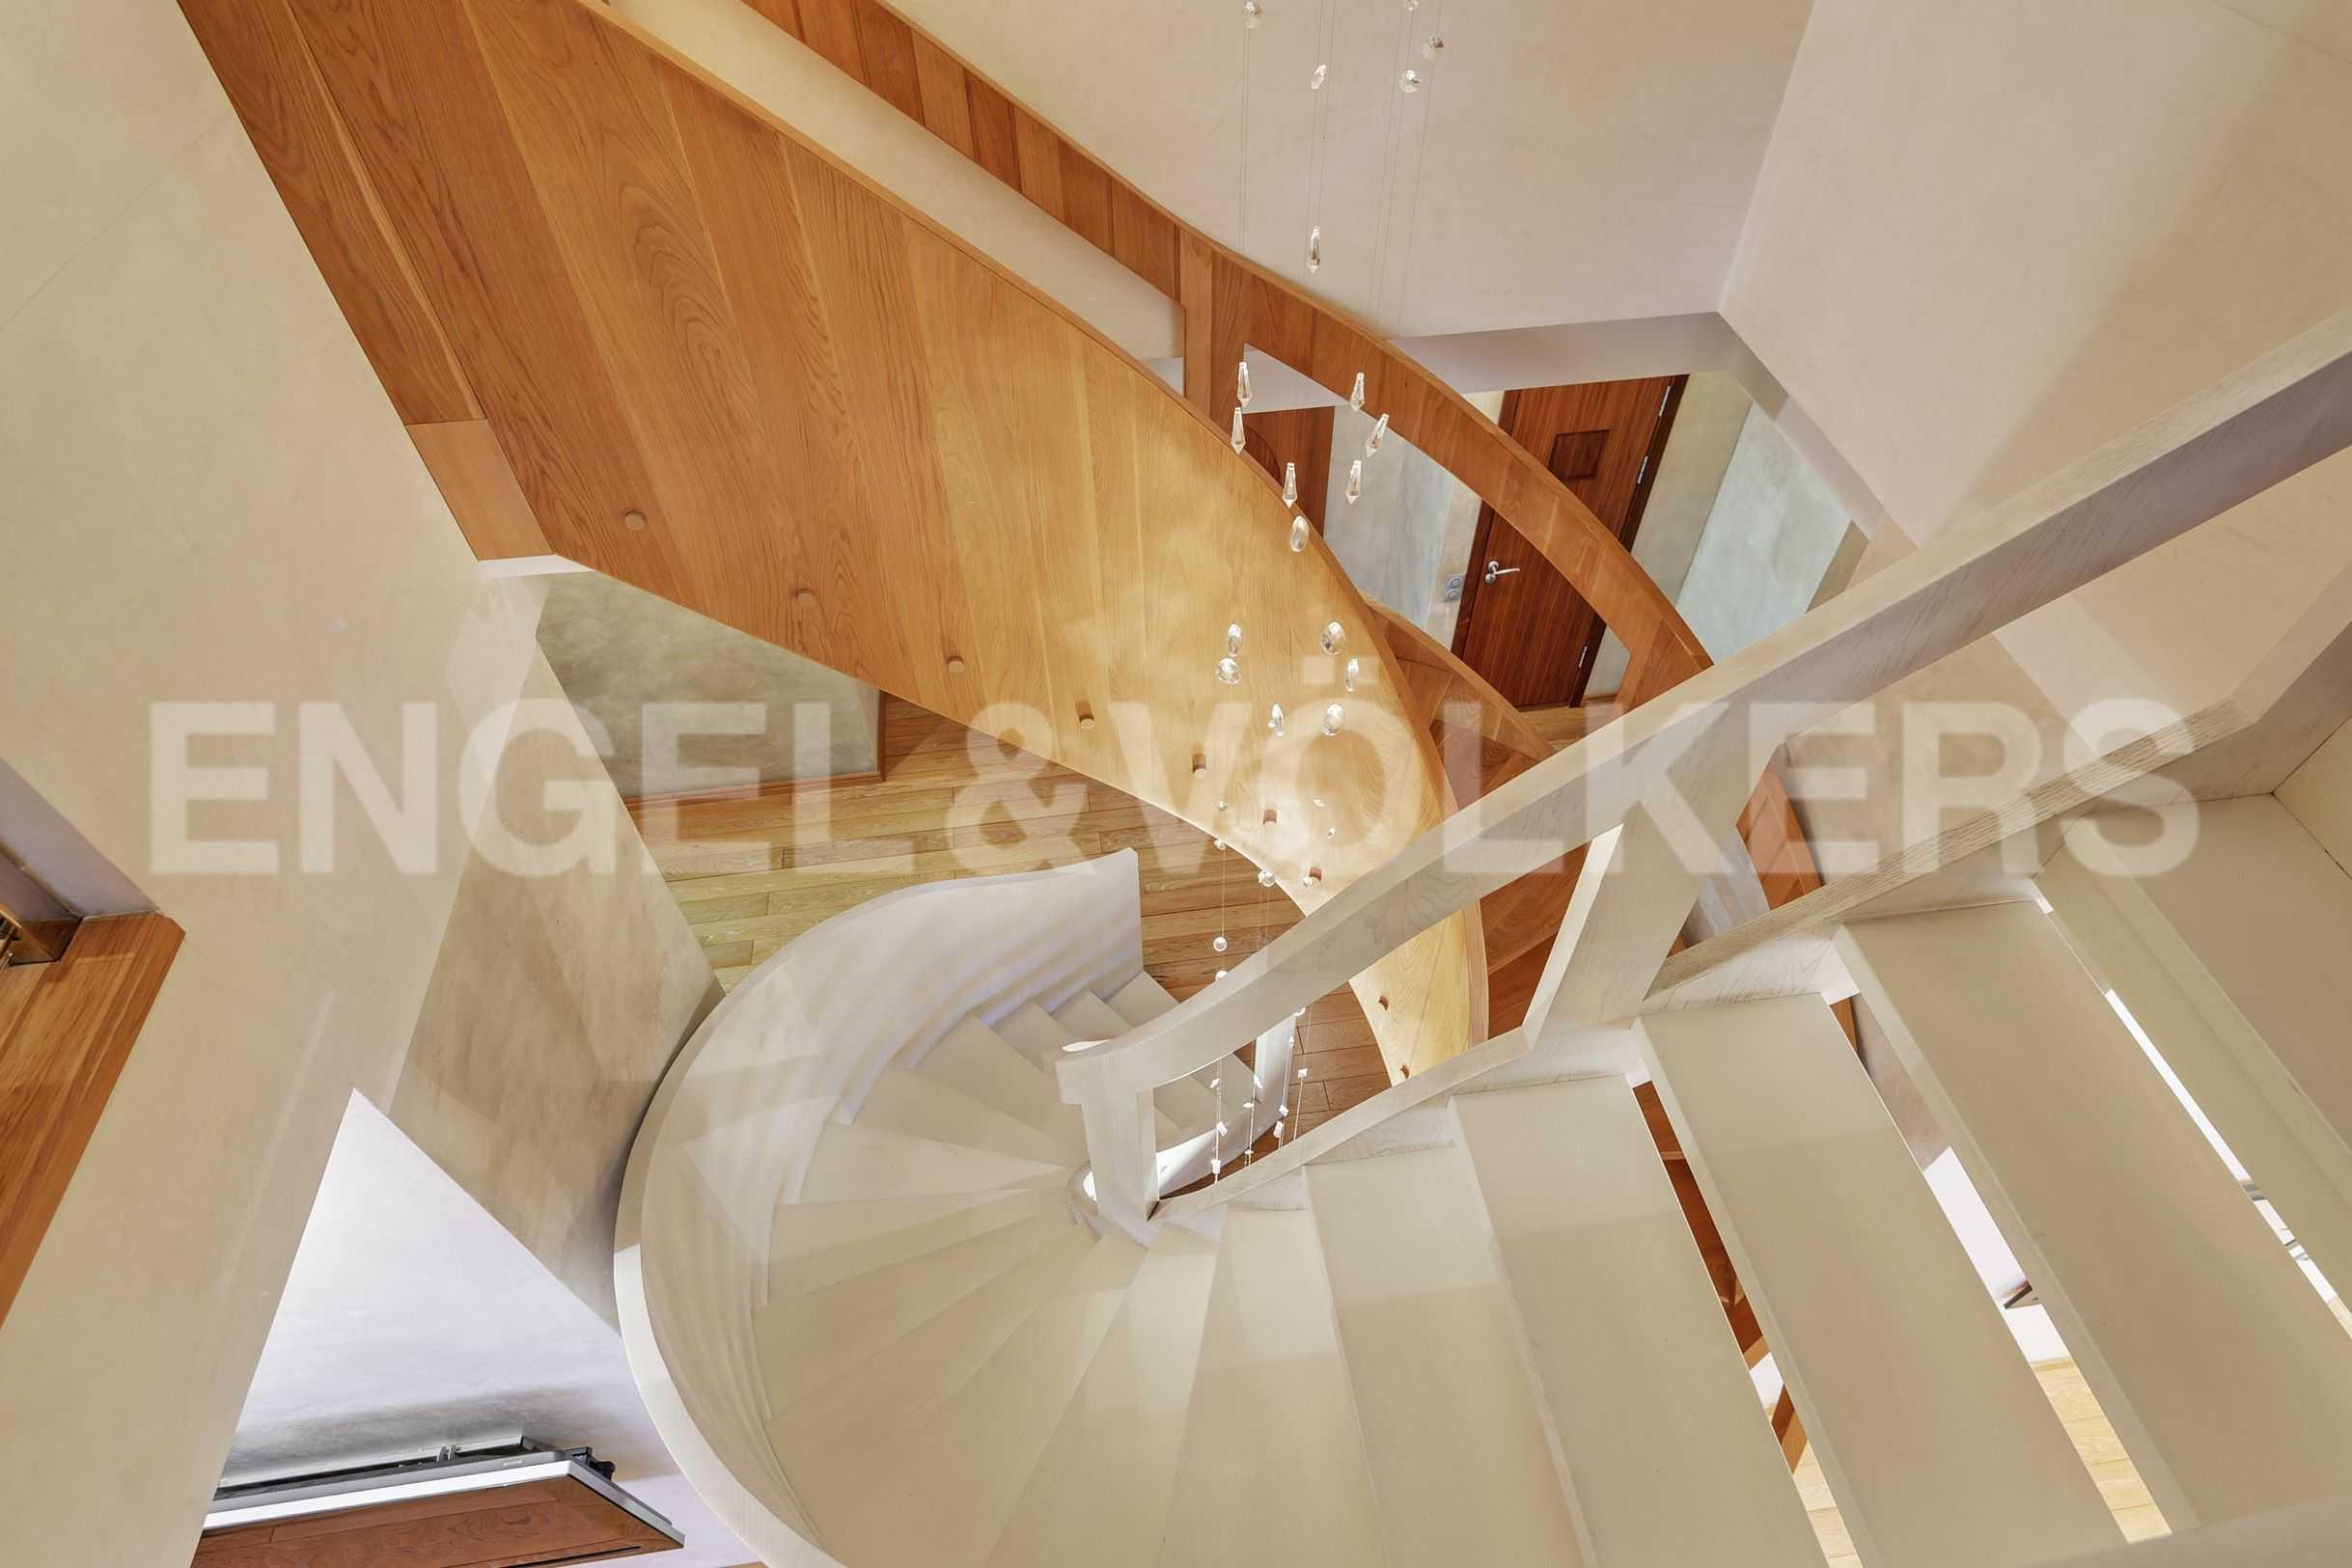 Элитные квартиры в Центральный р-н. Санкт-Петербург, Захарьевская, 16. Лестница между уровнями квартиры